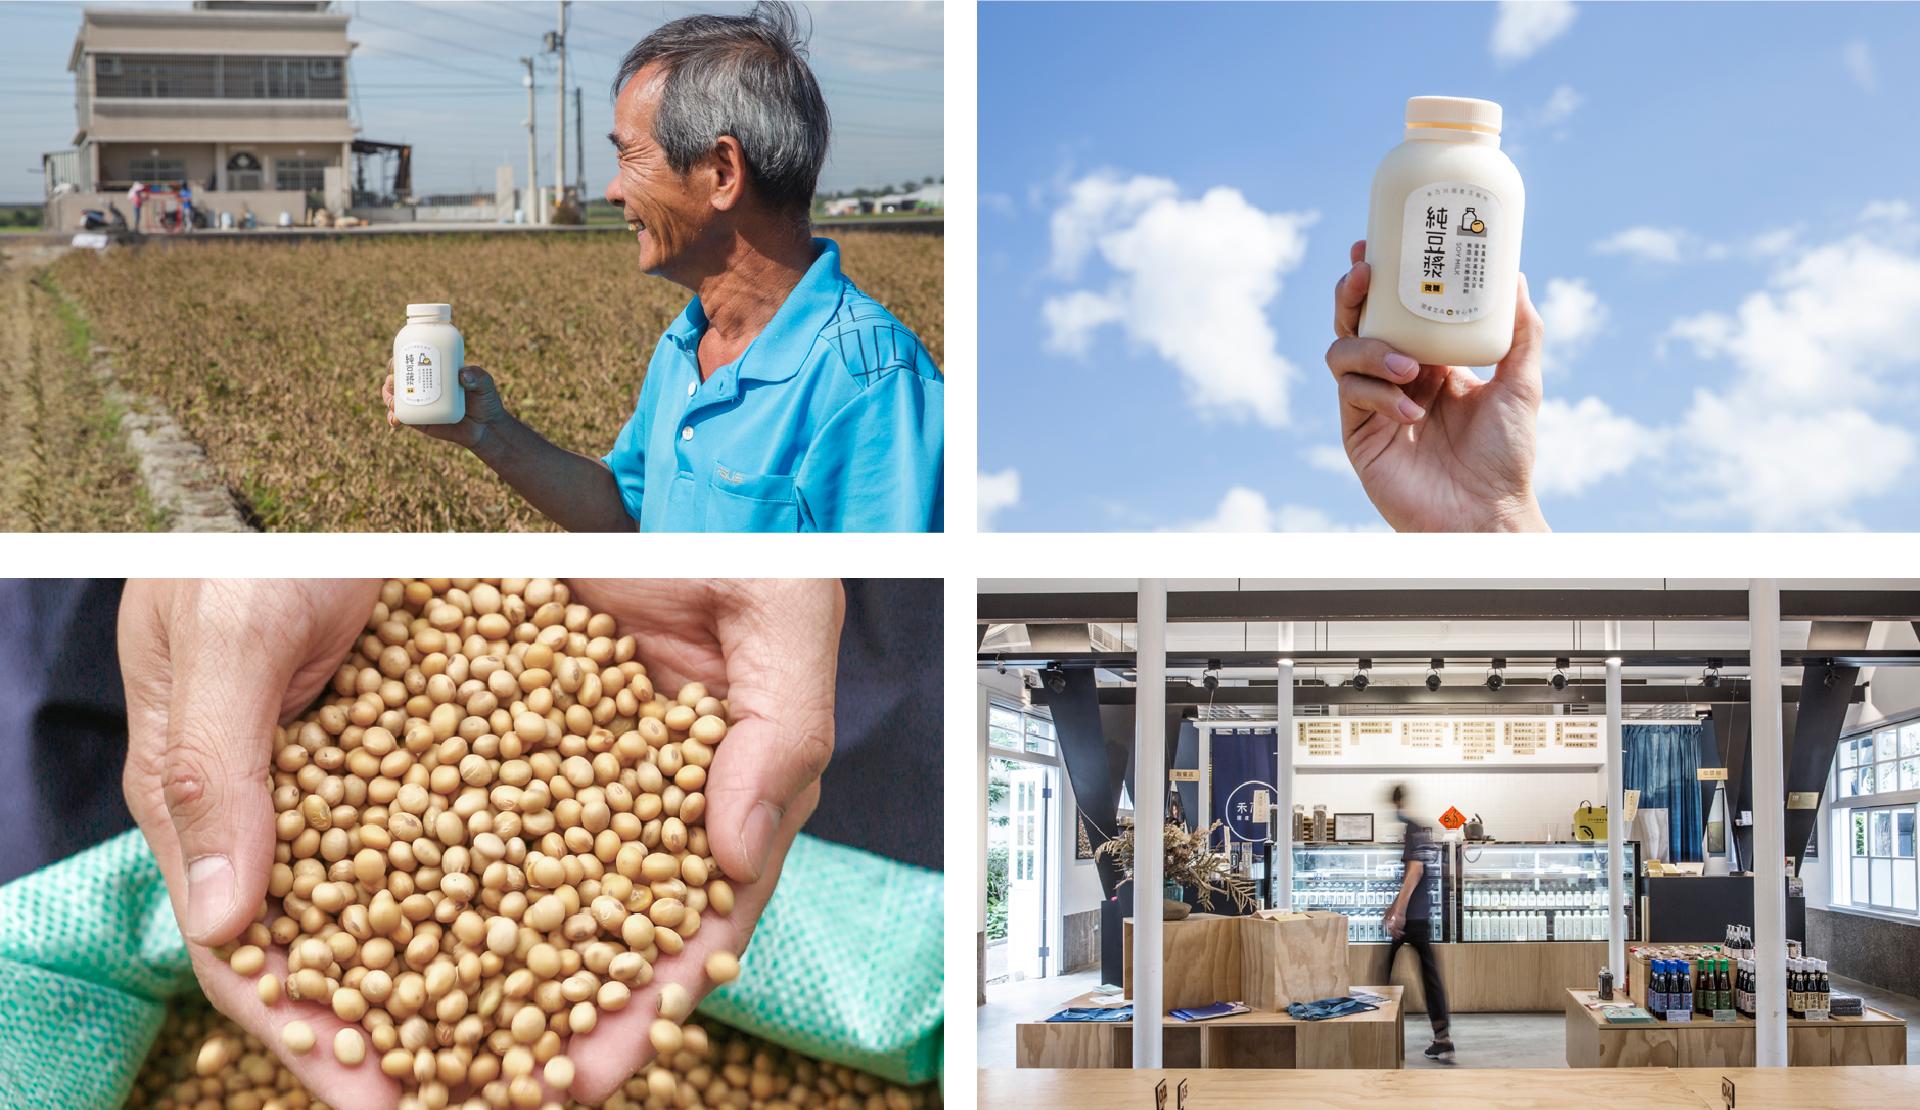 台灣最有誠意的豆漿  2015年,我們在社區裡看見二度就業家長和青少年的職能發展挑戰,又正好認識身邊幾位返鄉打拚的年輕豆農,發現台灣豆製品因為國產豆的產量少、人力成本高,大多選用進口大豆製作,國產種植的非基改新鮮大豆只佔了市場的 0.01%。為了解決社區生存挑戰和台灣青農發展,我們決定從台灣人飲食文化中最重要的「豆」製品出發,創造社區裡的良食店舖—「禾乃川國產豆製所」,使用台灣土地最新鮮的非基改大豆,並透過職能發展改變家長和孩子的生命。喝一口,讓土地和生命共好的豆漿吧! | 甘樂文創 | 甘之如飴,樂在其中